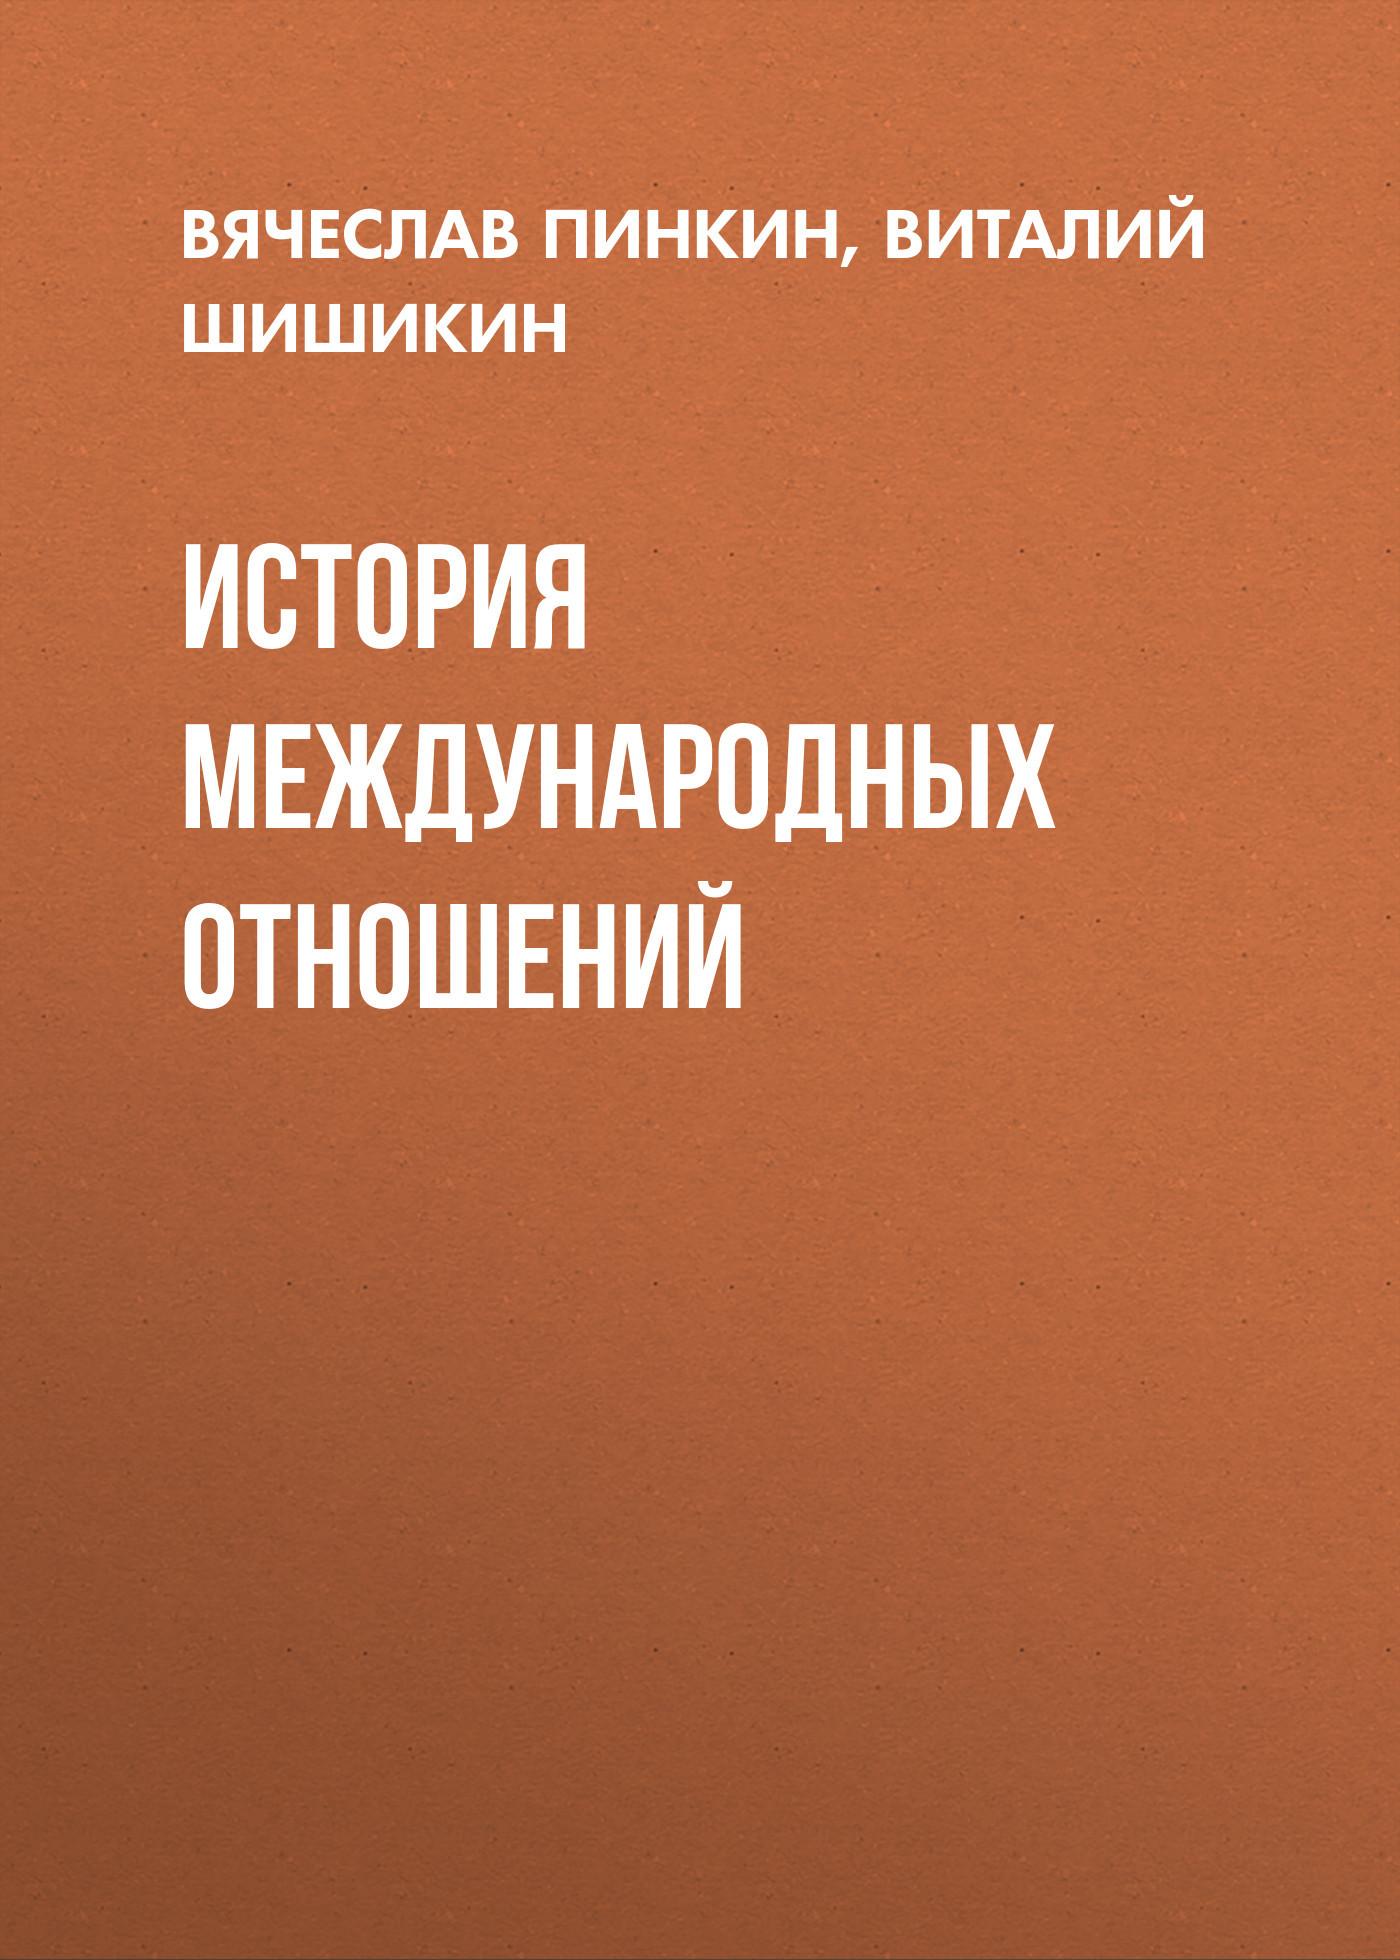 Обложка книги История международных отношений, автор Виталий Шишикин